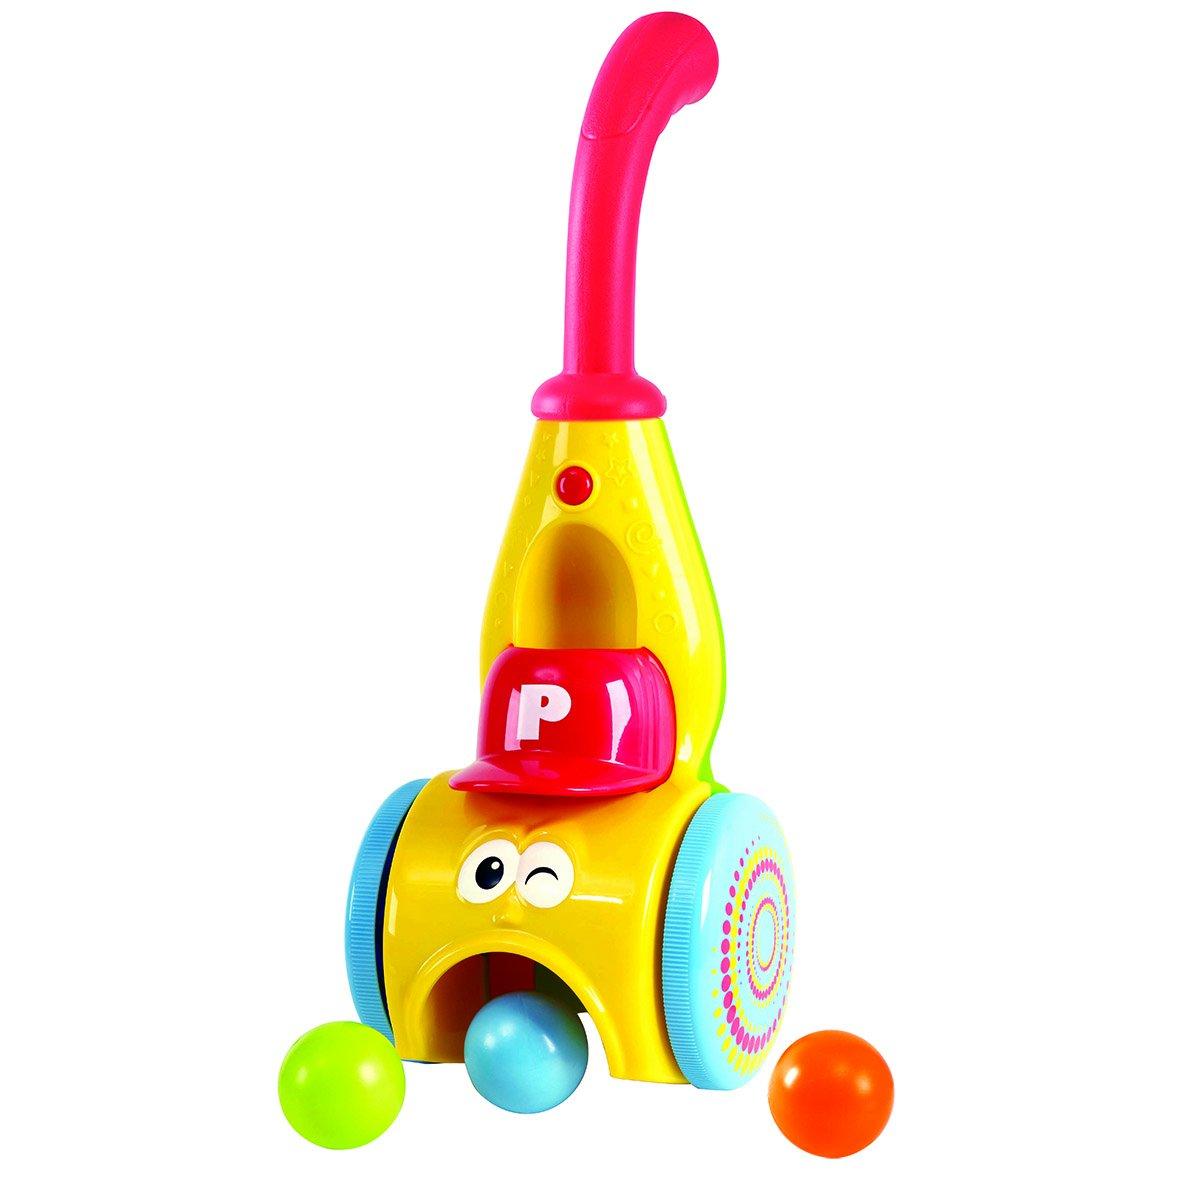 LanzadorAmazon Cubo Bola esJuguetes Y Juegos Playgo 2995 qUzGVSpM